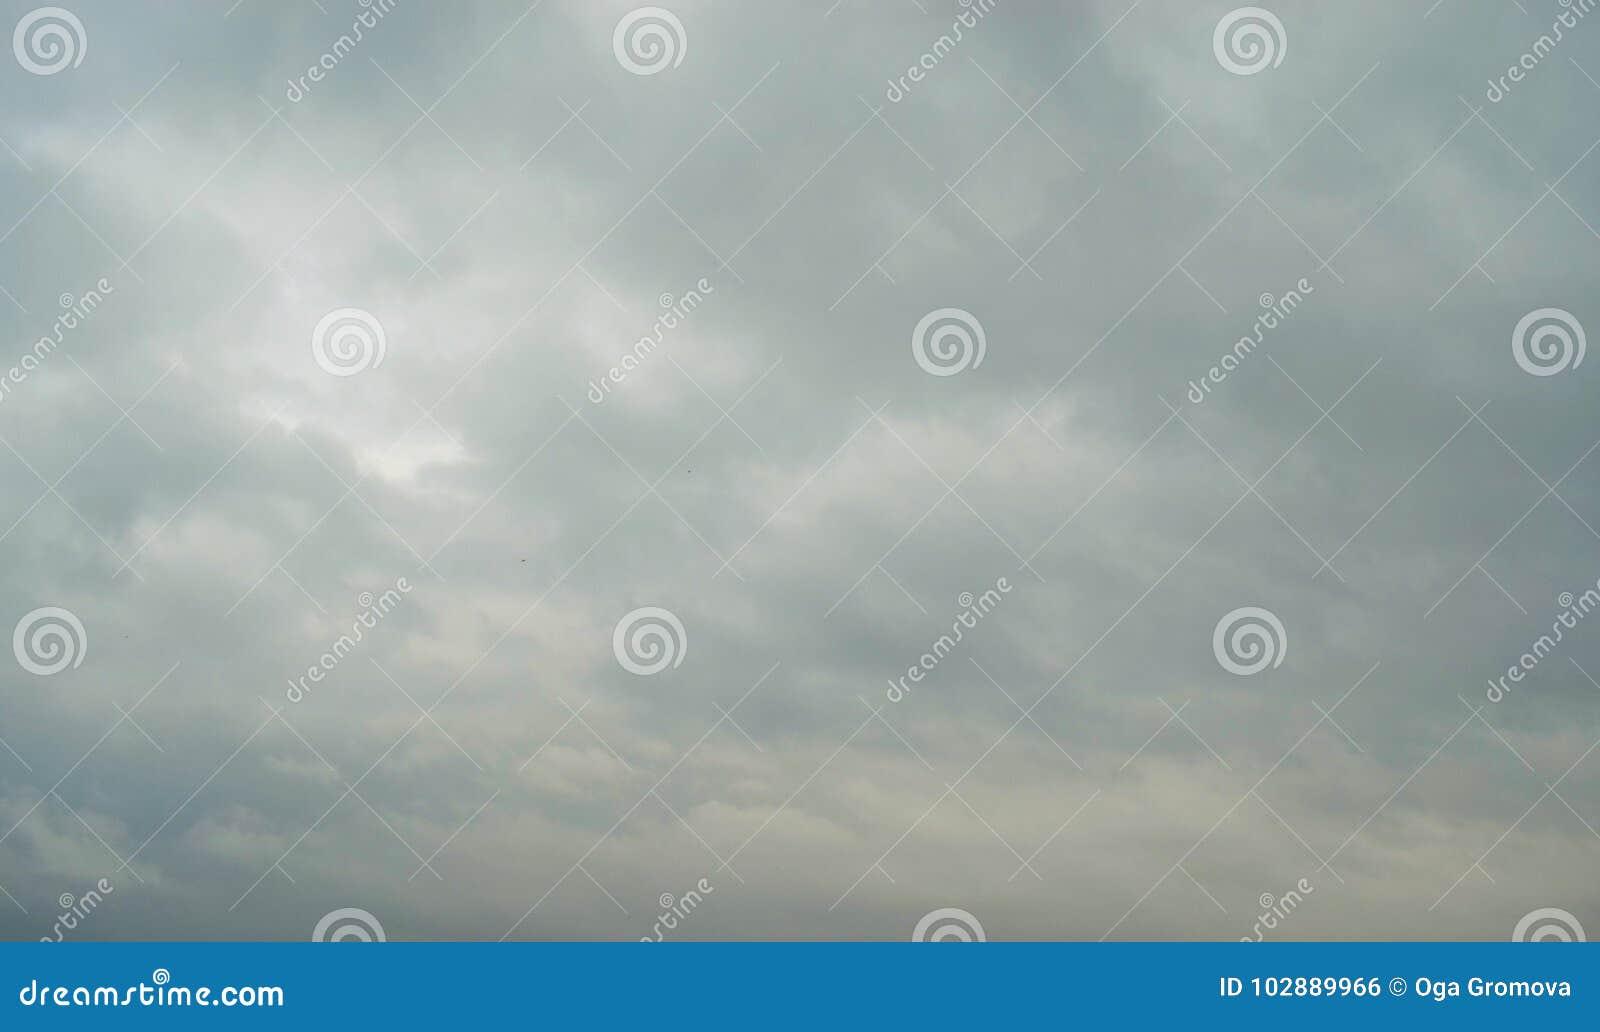 多云天空阴云密布